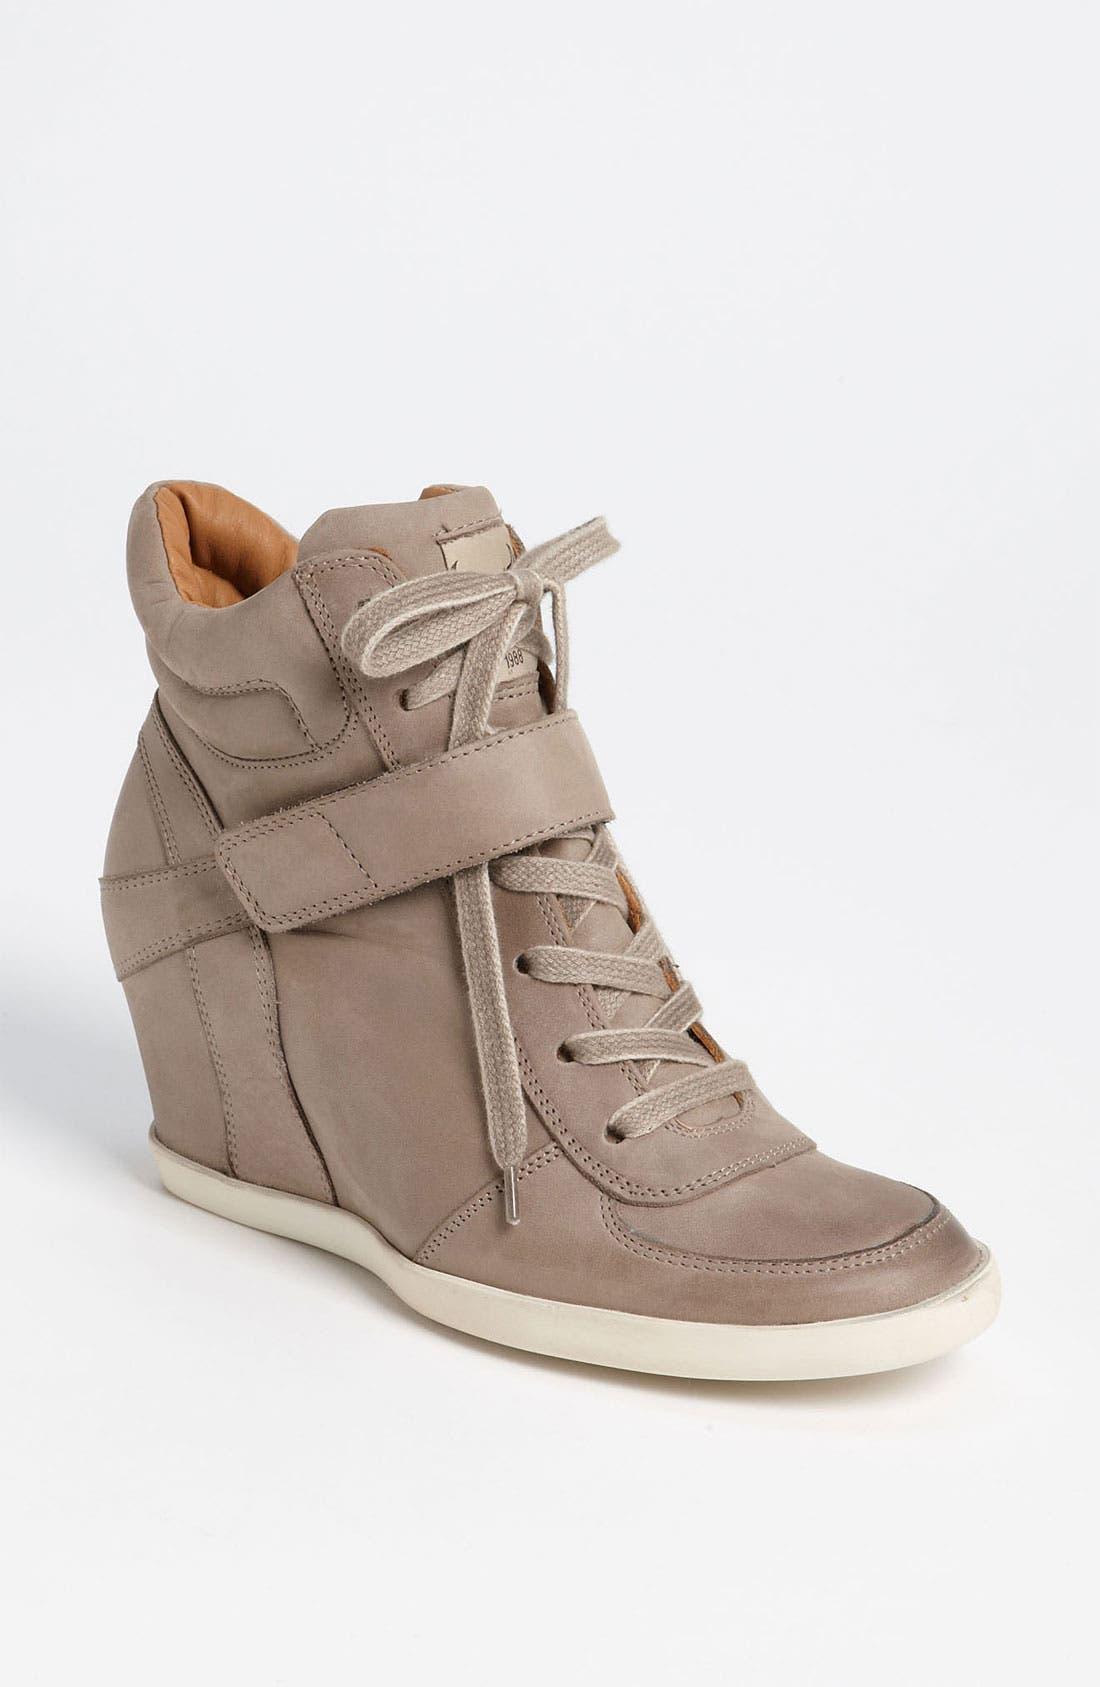 Alternate Image 1 Selected - Paul Green 'Ozzie' Wedge Sneaker